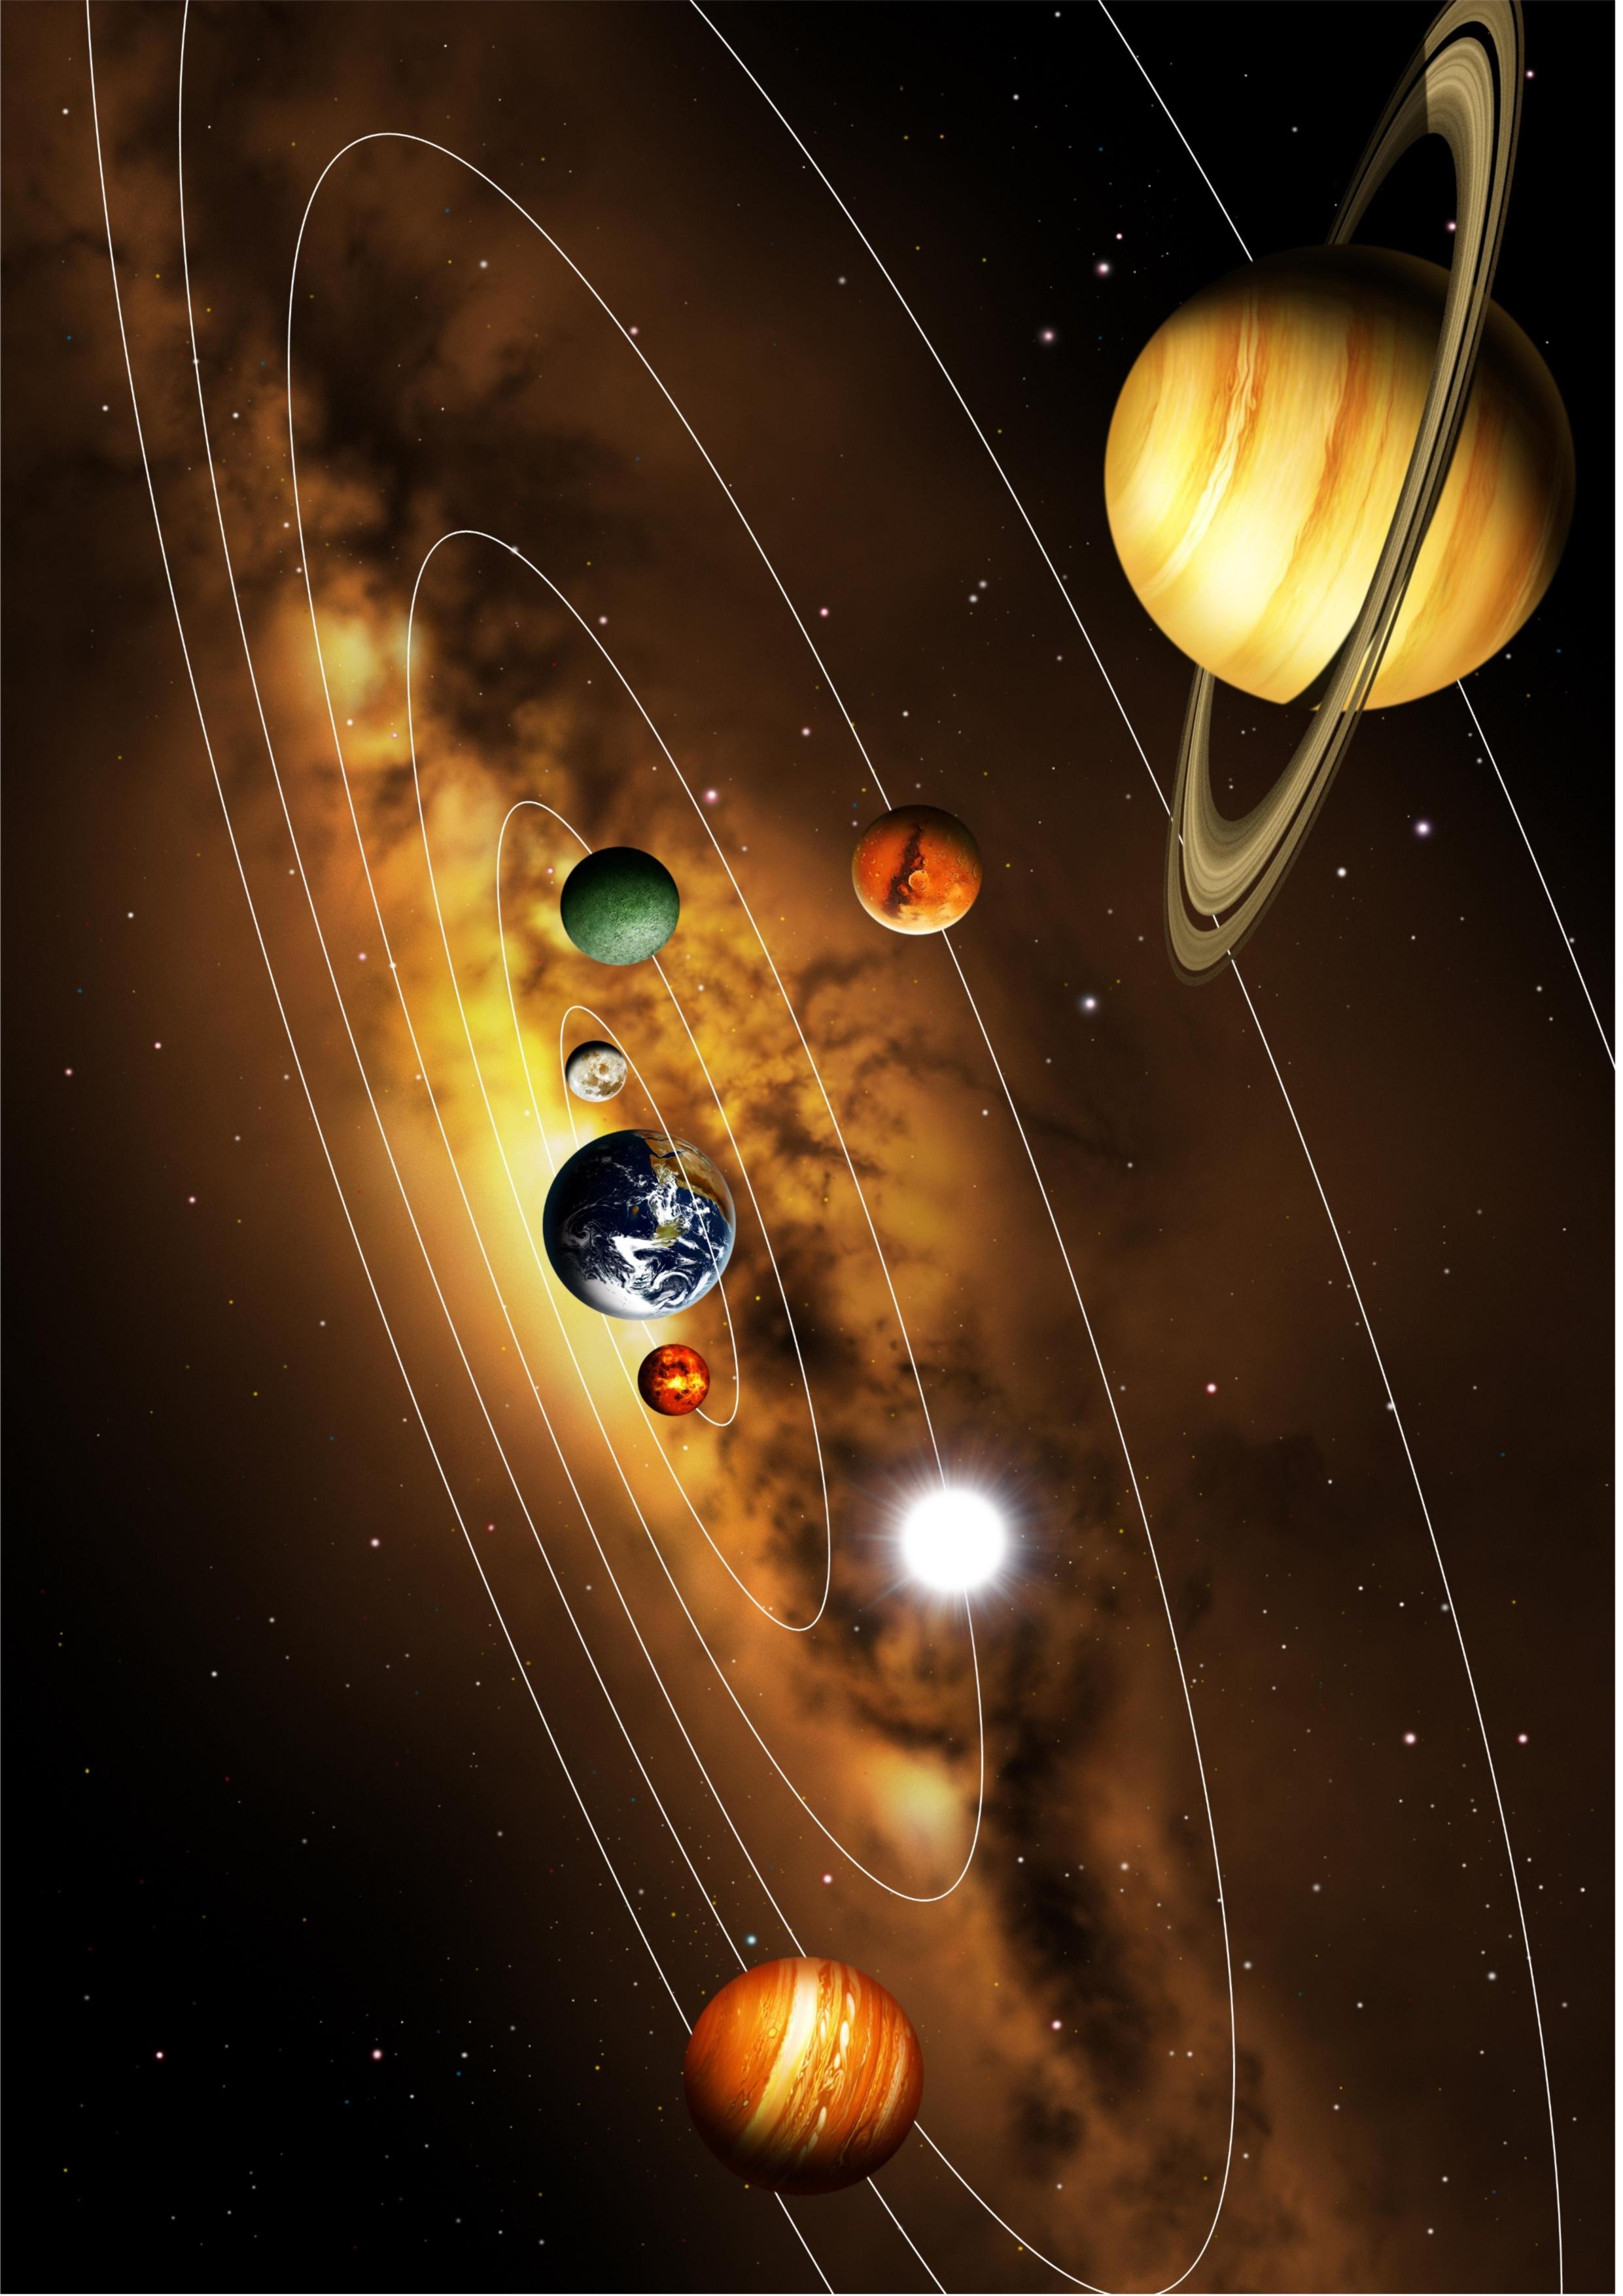 фото планет нашей солнечной системы интеррейтинг определило город